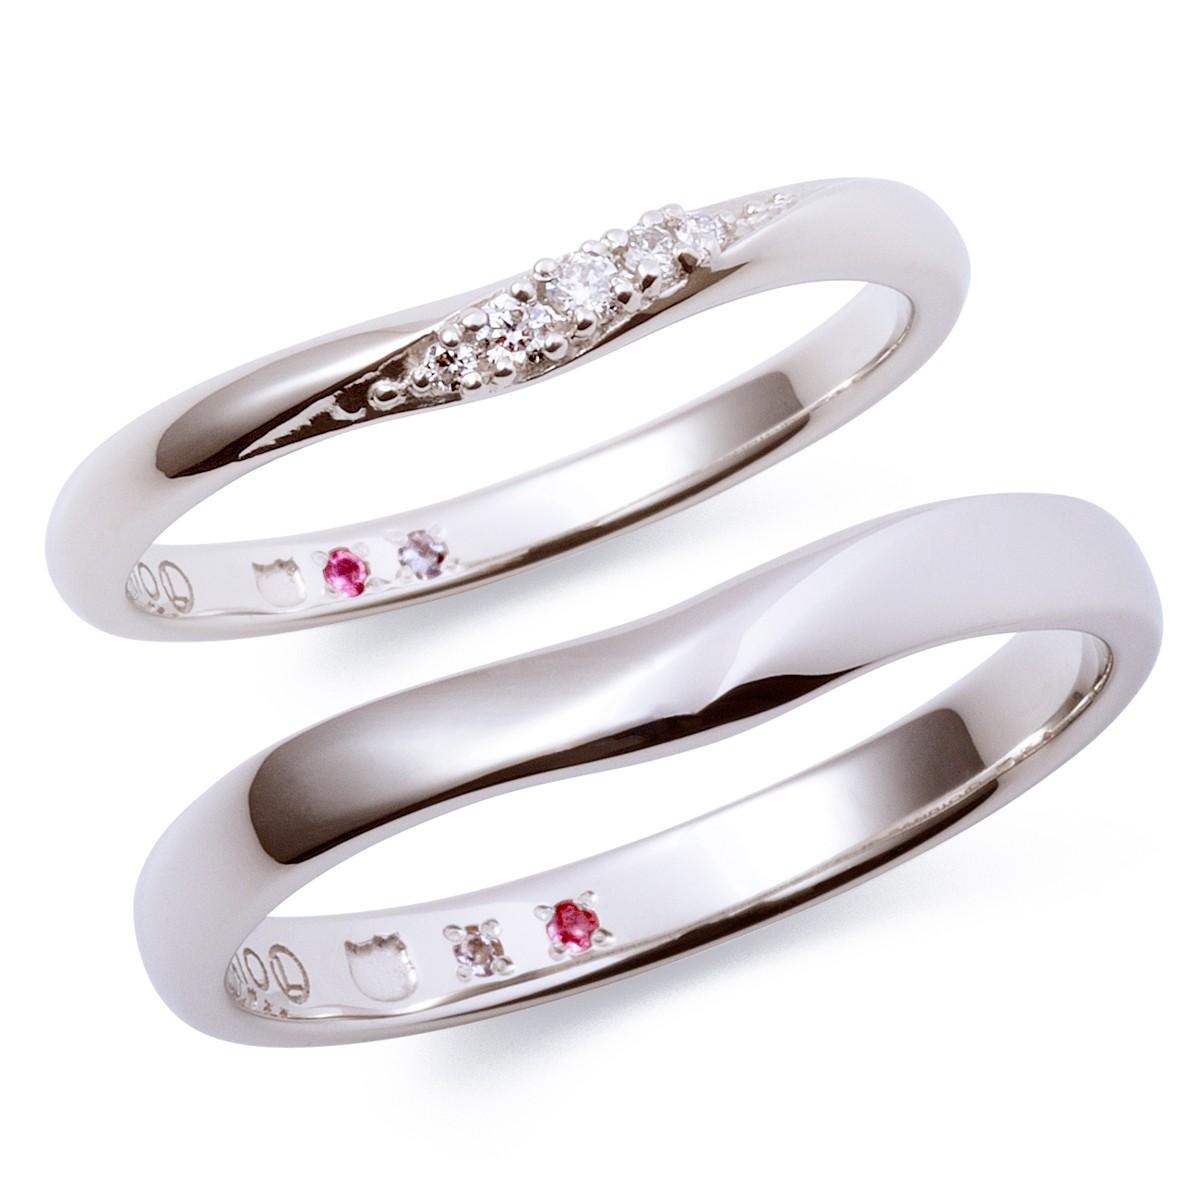 シンプル 結婚指輪のKT-7061117022-7061117032